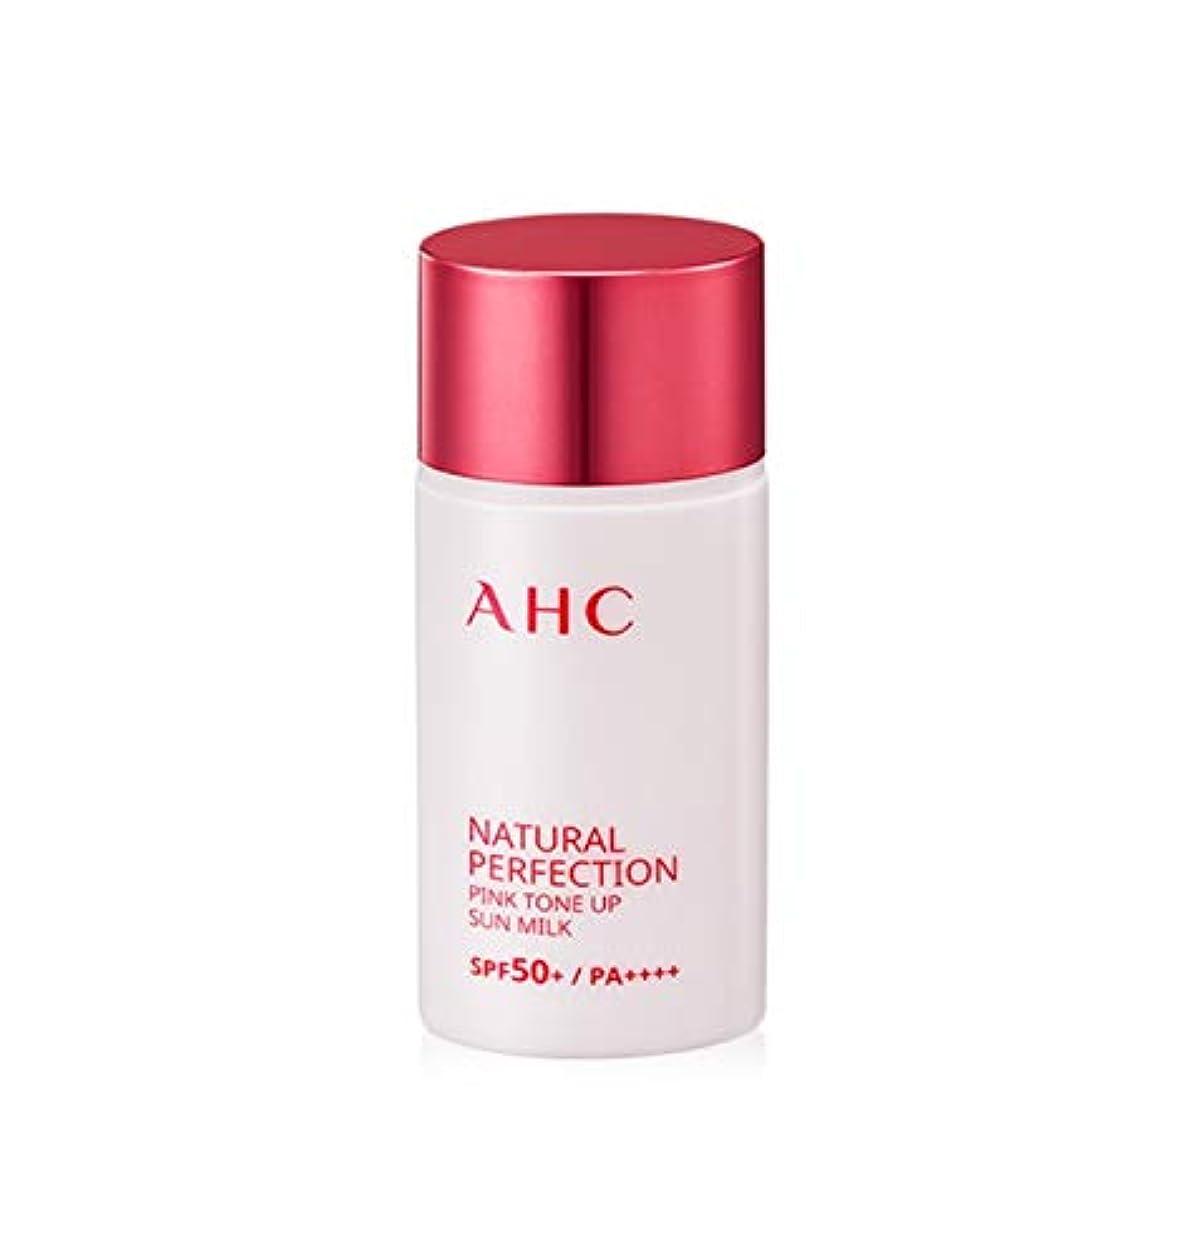 出力似ている隠すAHC ナチュラルパーフェクションピンクトンオプ線ミルク 40ml / AHC NATURAL PERFECTION PINK TONE UP SUN MILK 40ml [並行輸入品]